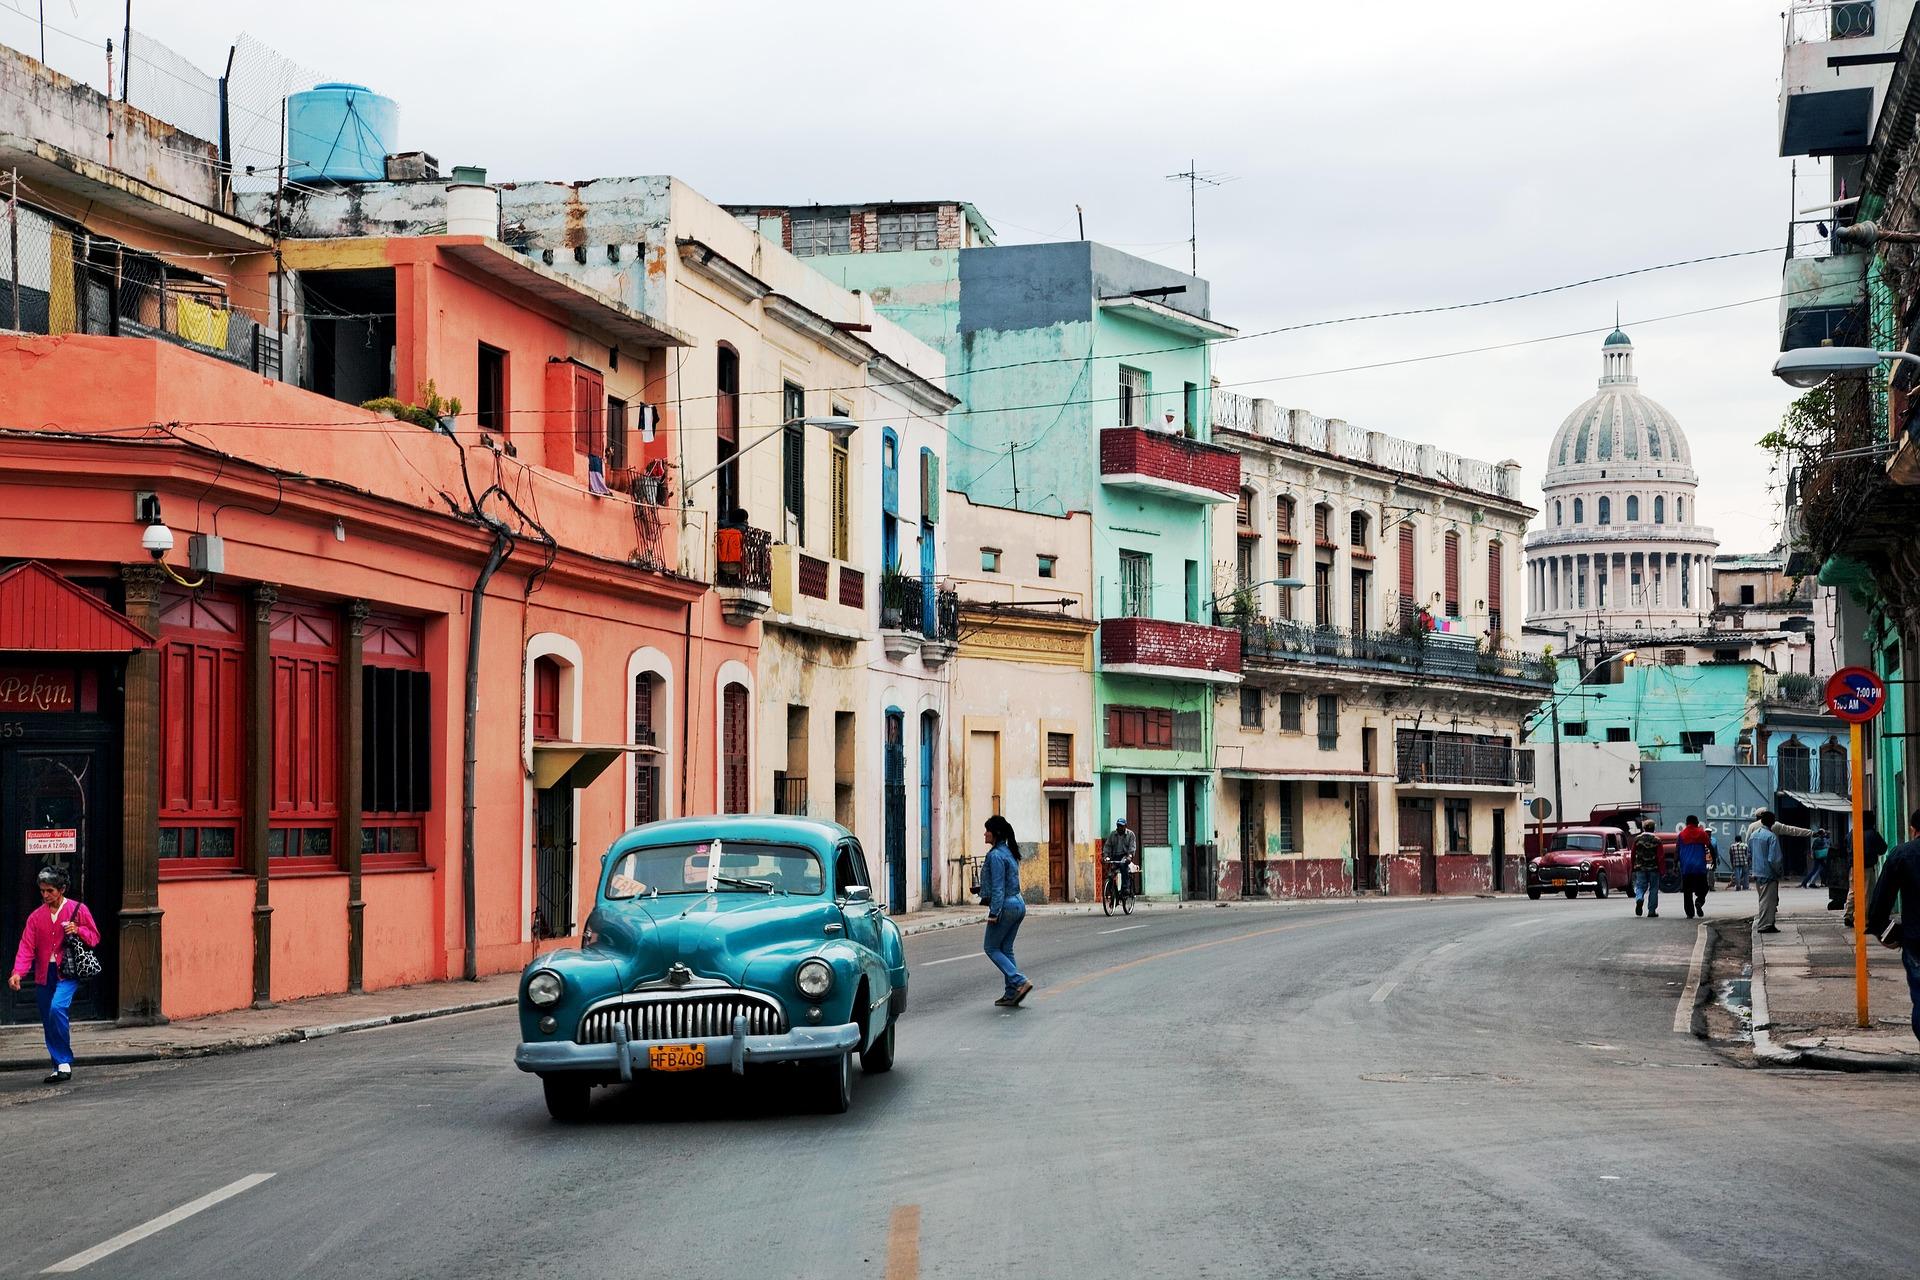 Sprachreise nach Kuba: Empfehlungen & Vergleich (05/21)